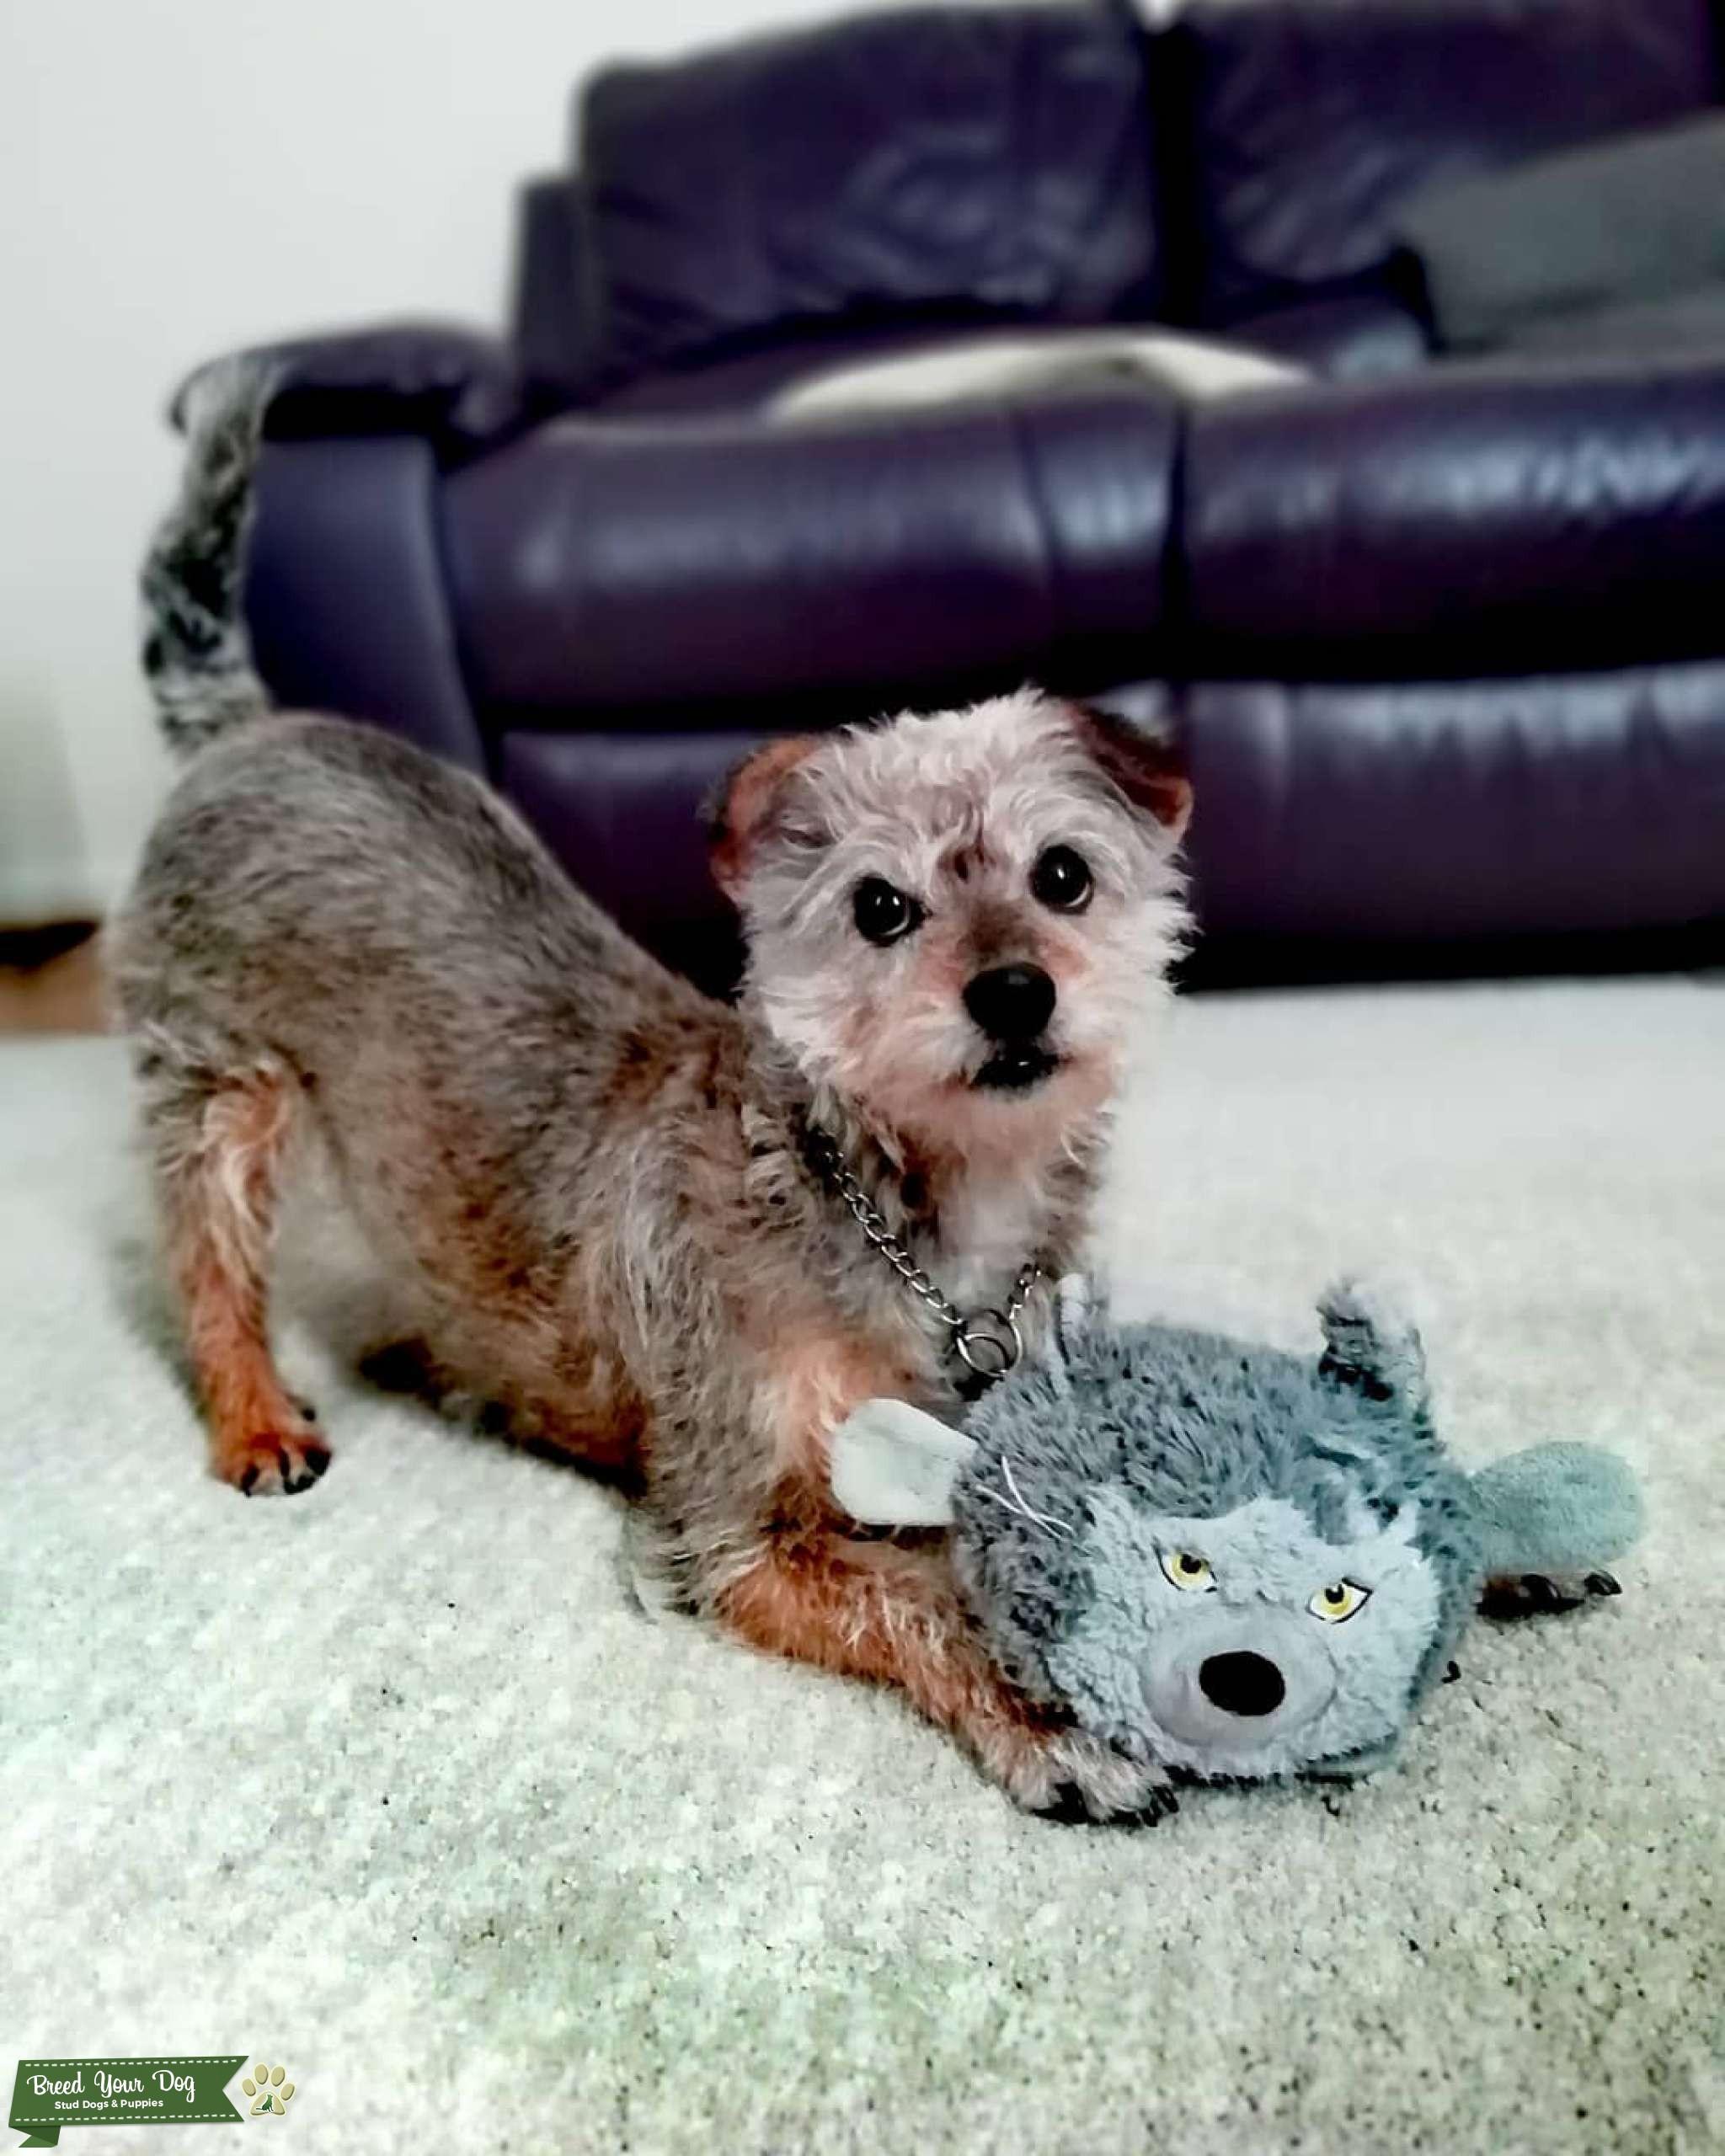 Crossbreed poodle & Yorkshire terrier  Listing Image Big